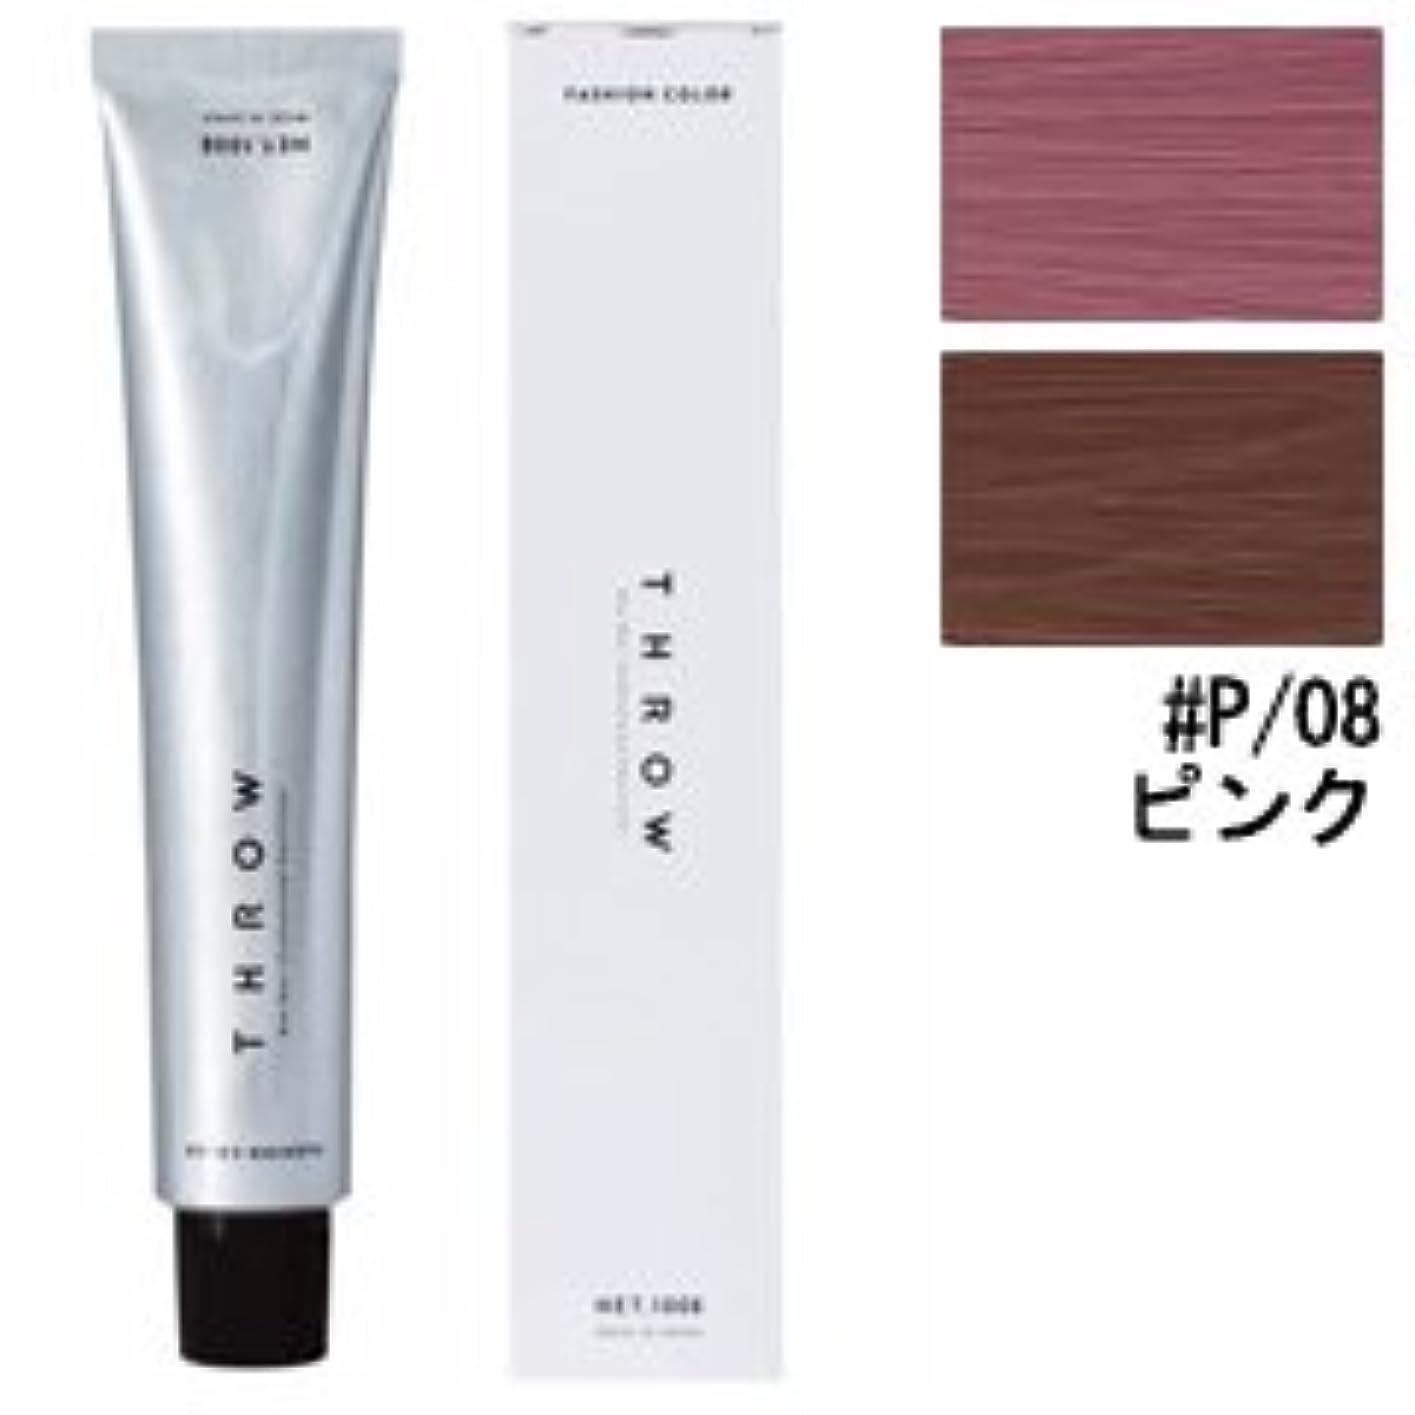 契約ワンダー発行する【モルトベーネ】スロウ ファッションカラー #P/08 ピンク 100g